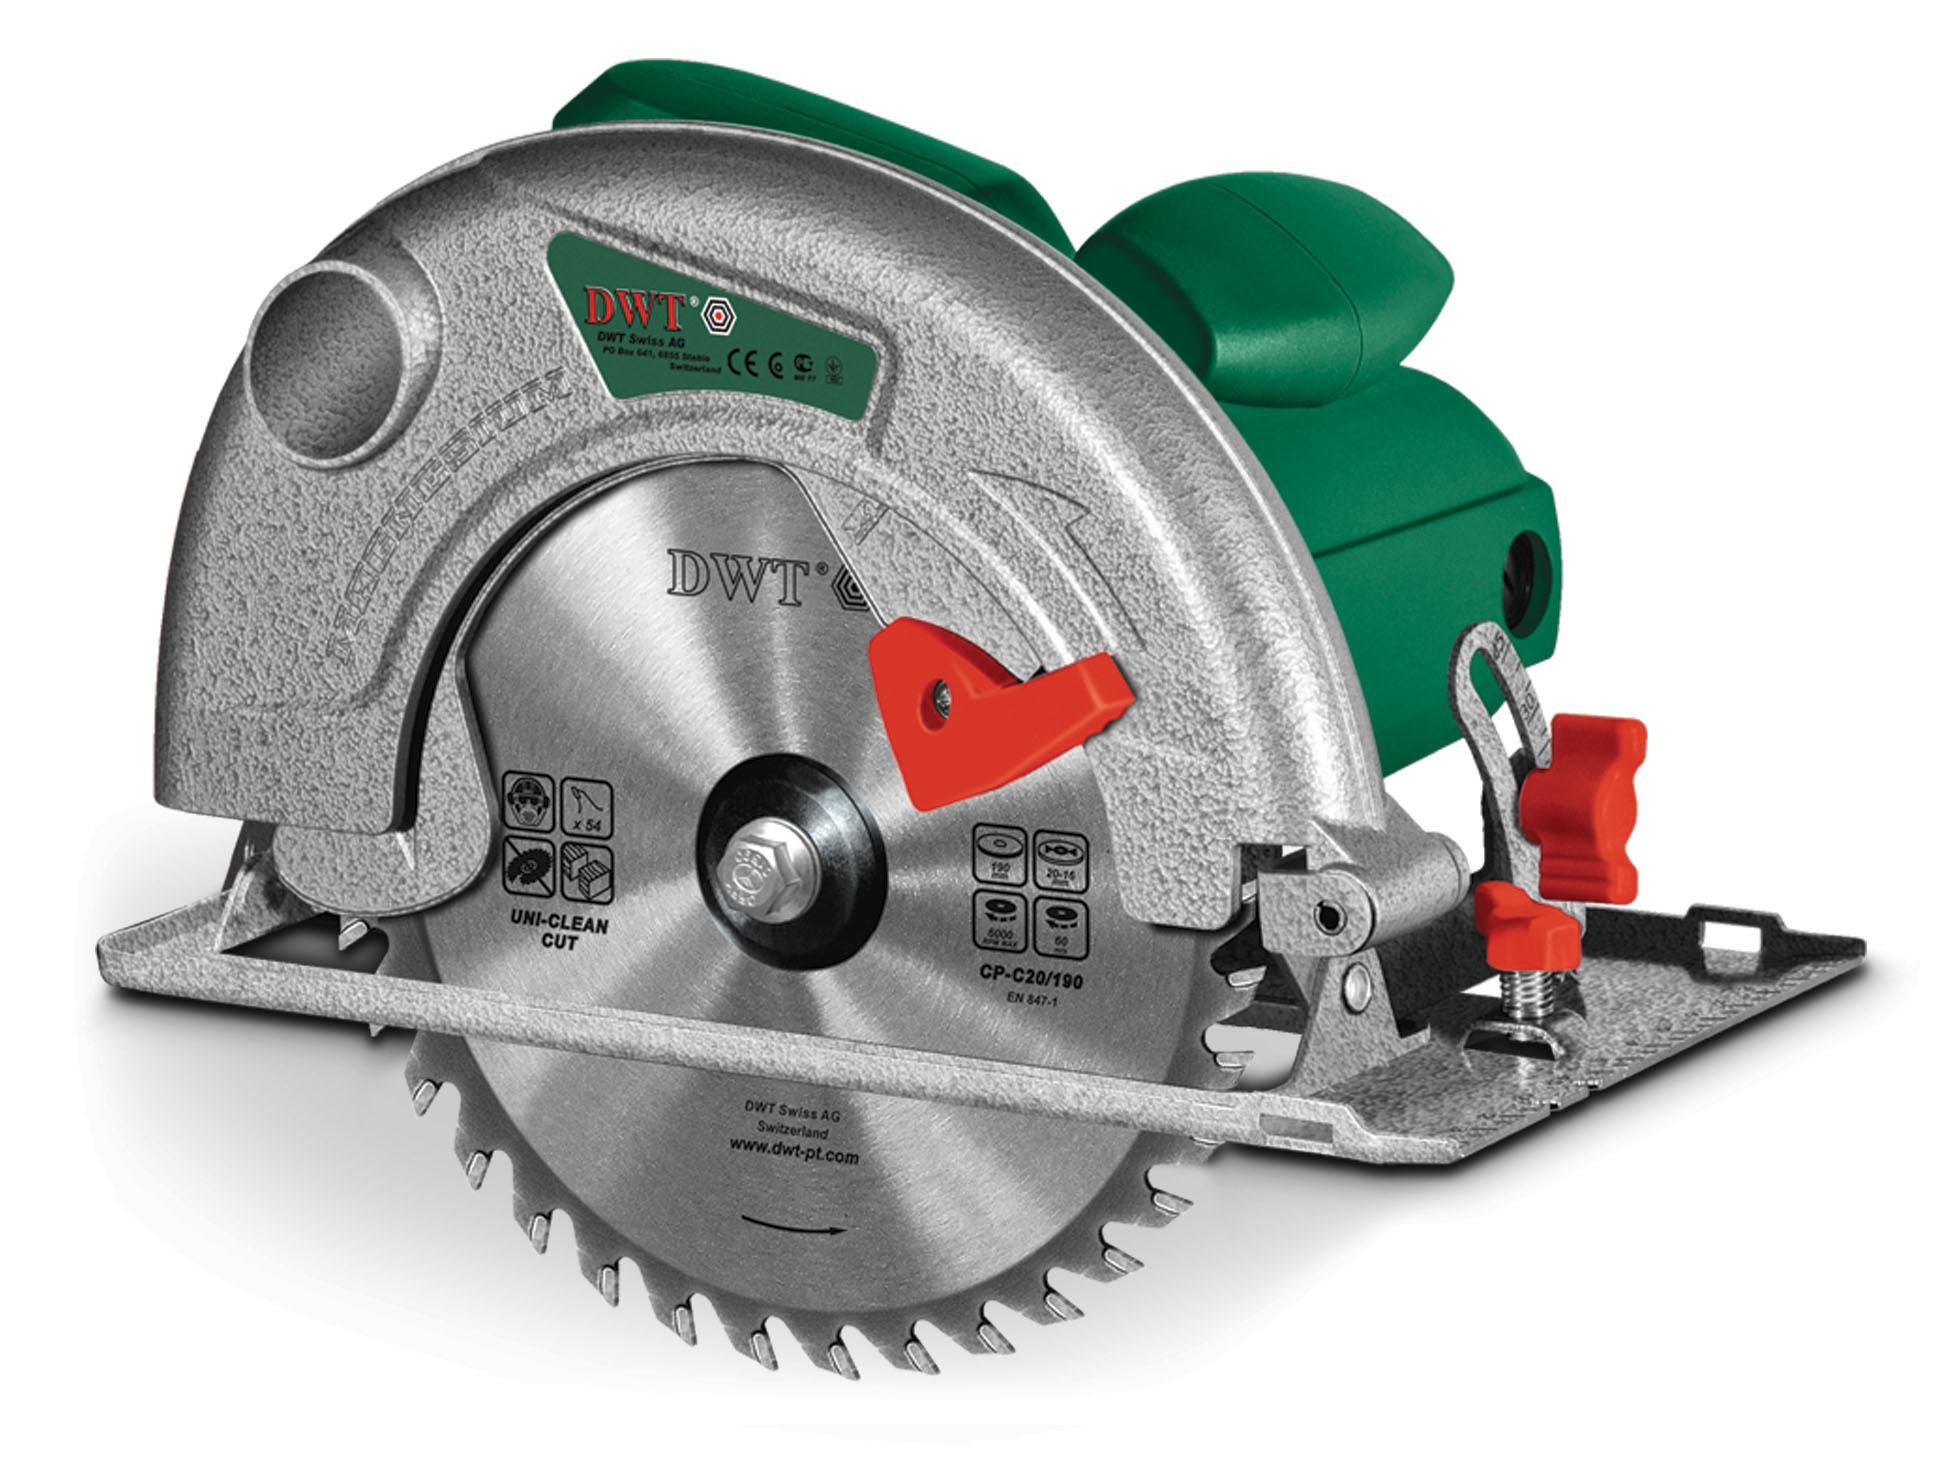 DWT HKS12-65 - циркулярная пила (Green)